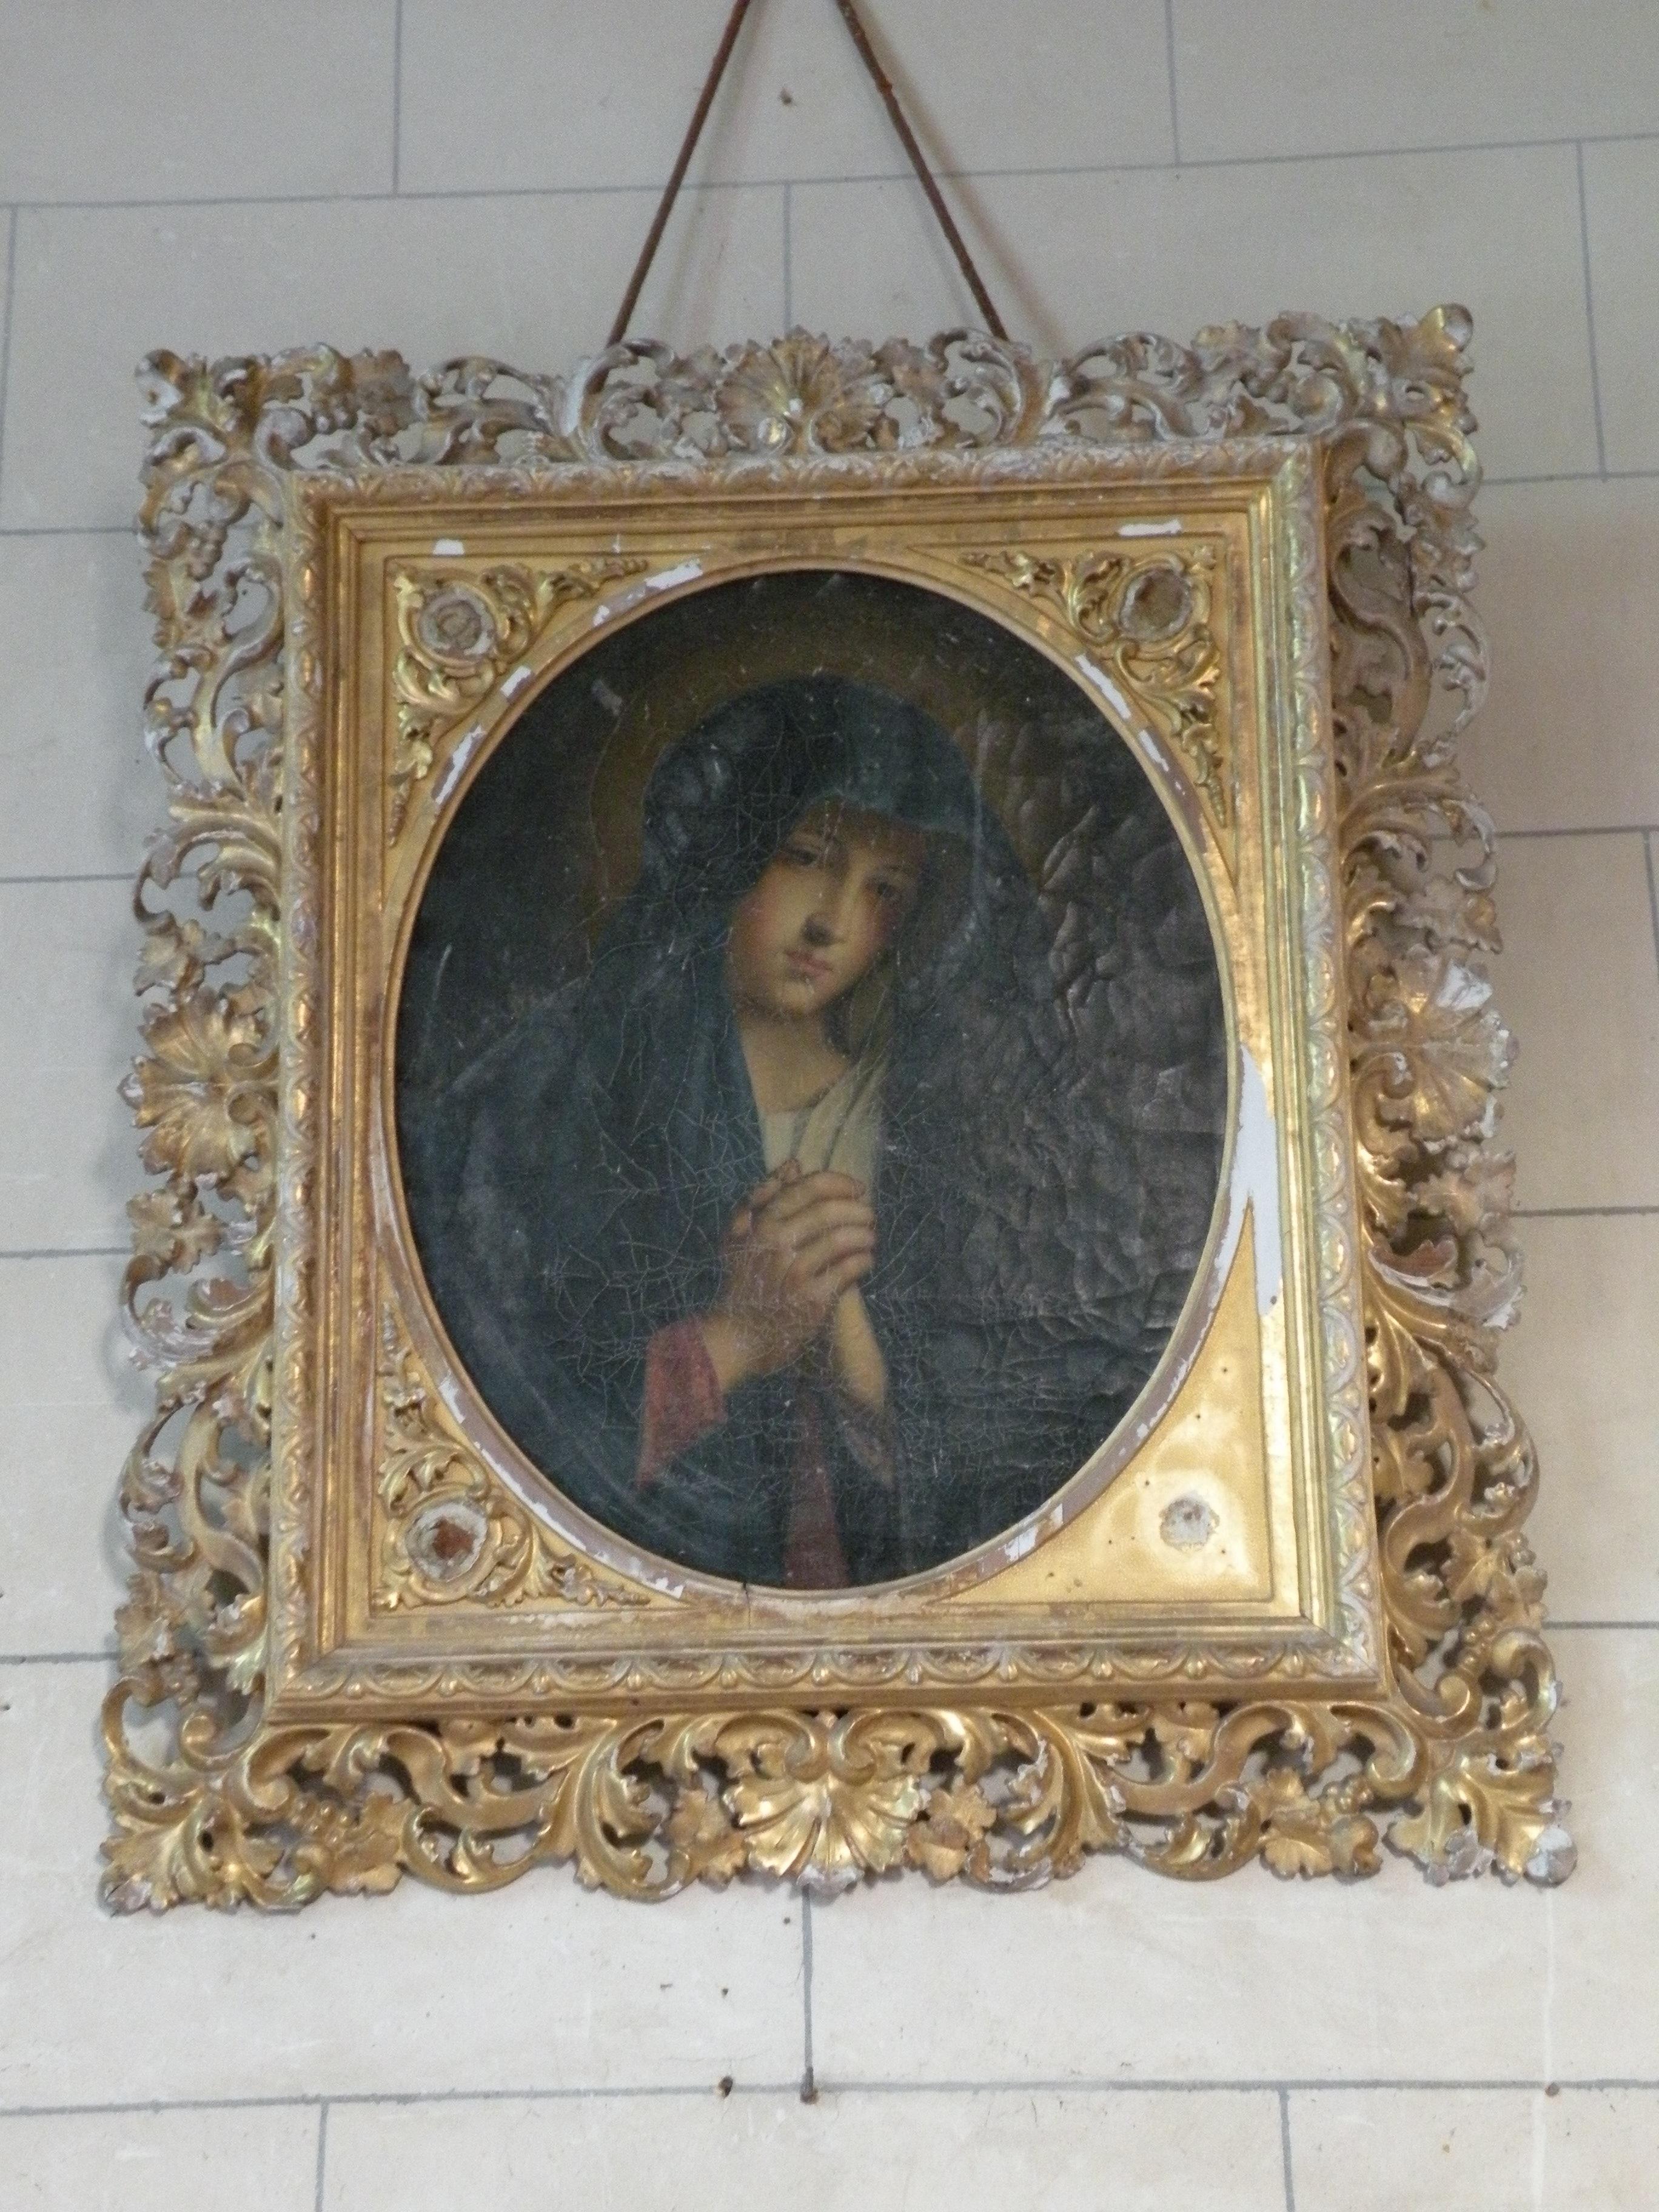 fileglise saint lucien de nivillers tableau 1jpg aglise saint lucien de